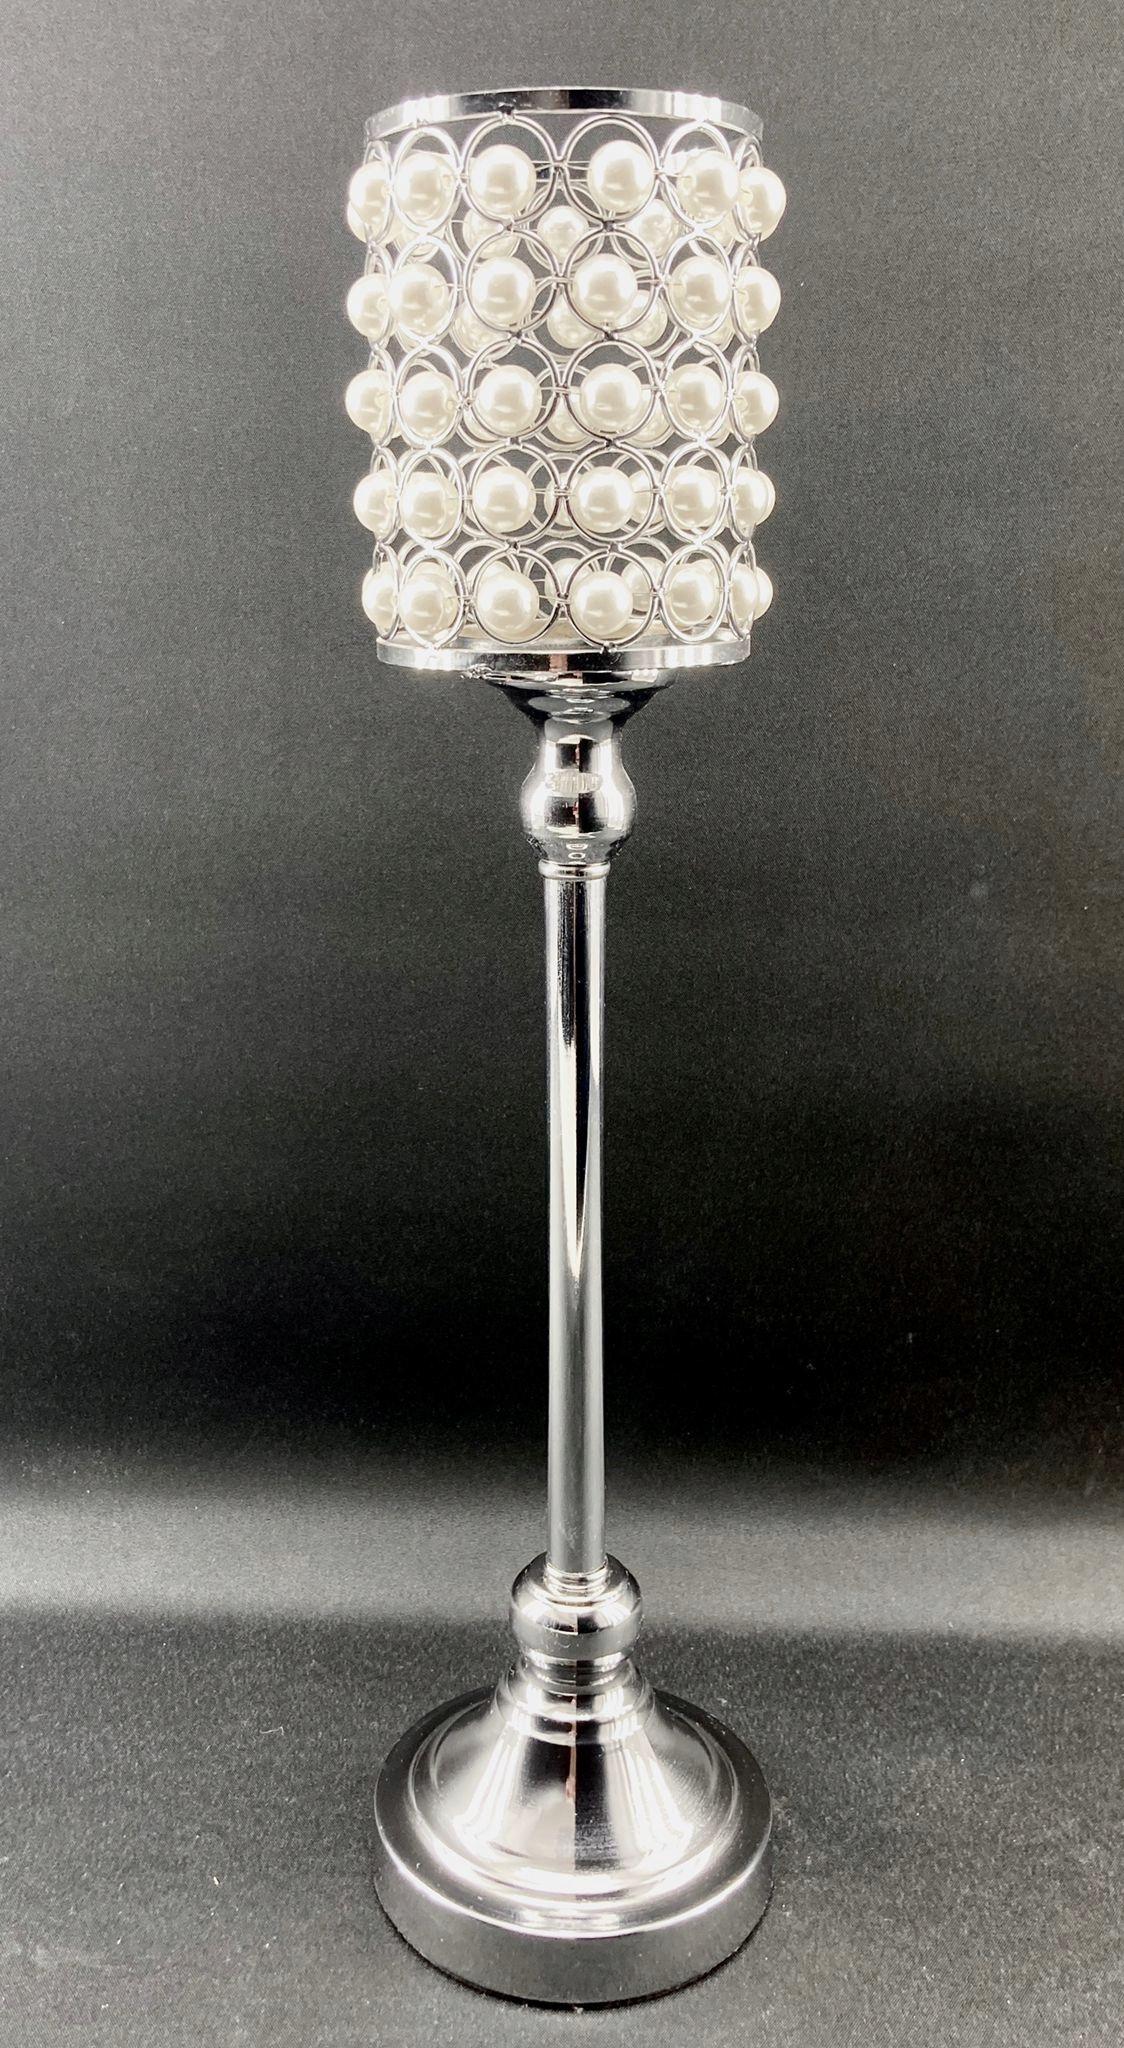 Подсвечник из металла ELEGANT LAMPION + PEARL 46см